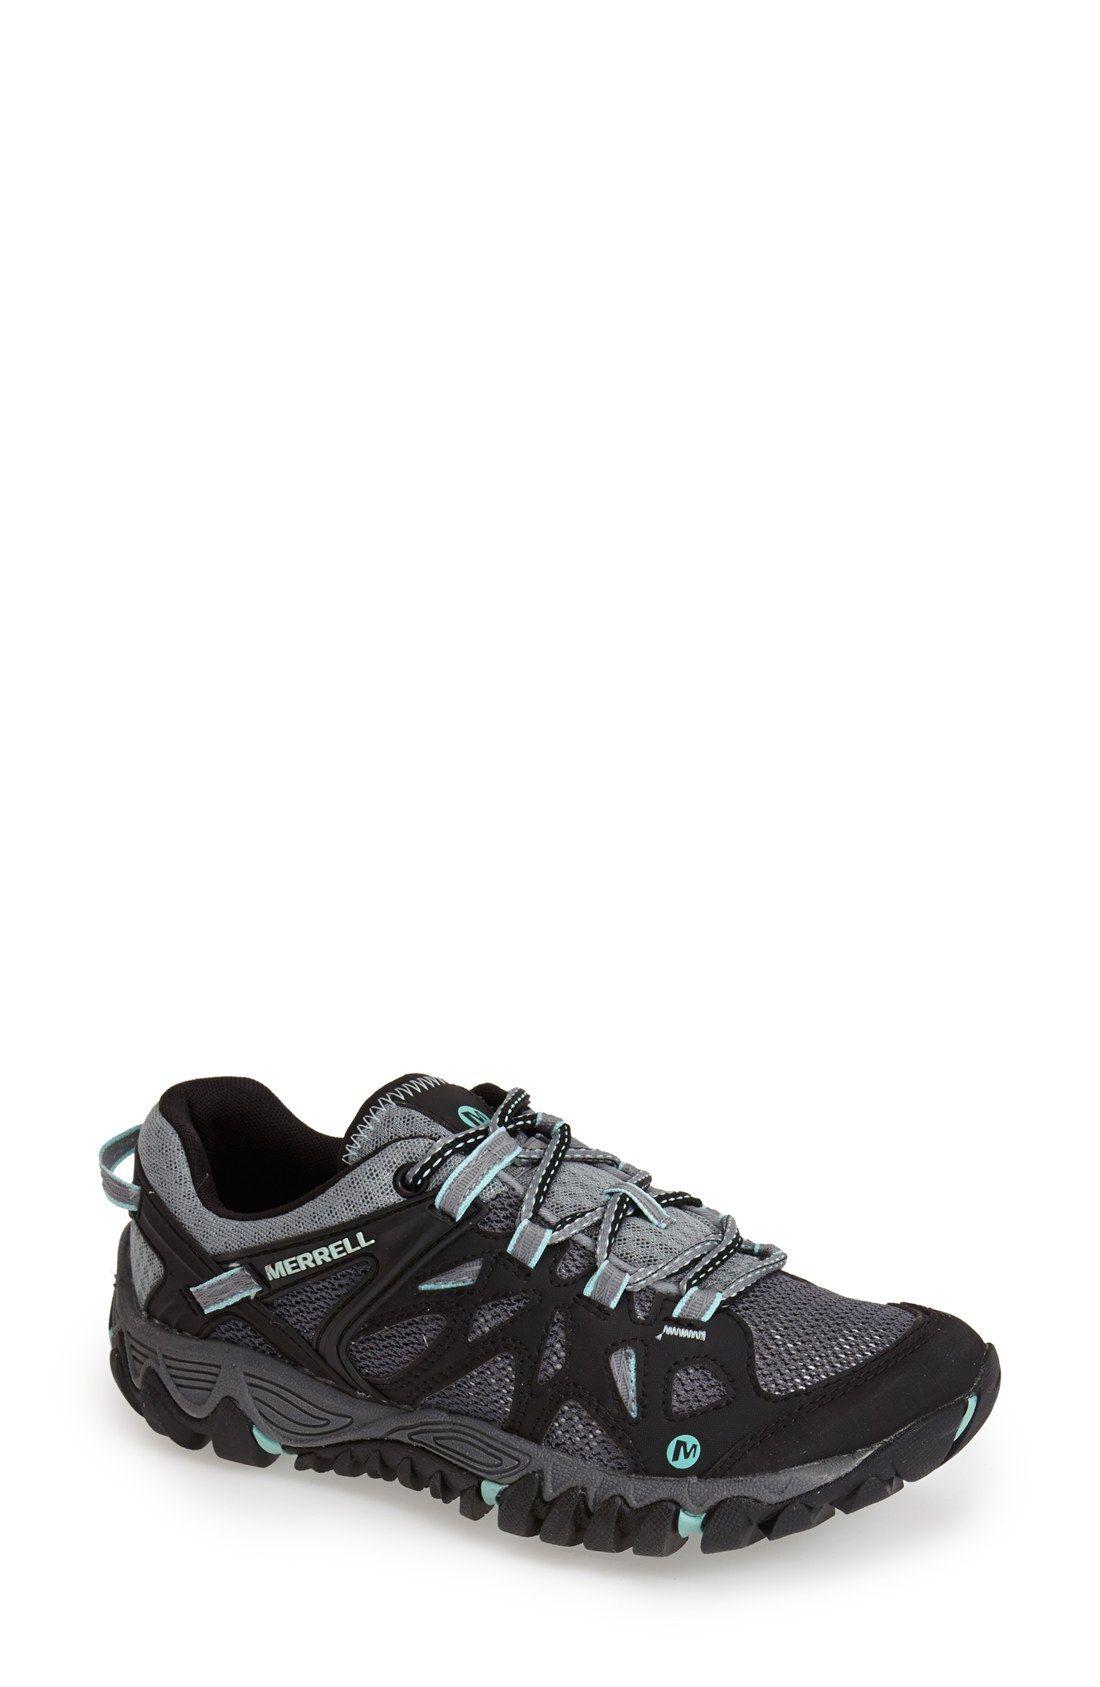 0a7c7d9b07c6 Merrell  All Out Blaze Aero Sport  Hiking Shoe (Women)